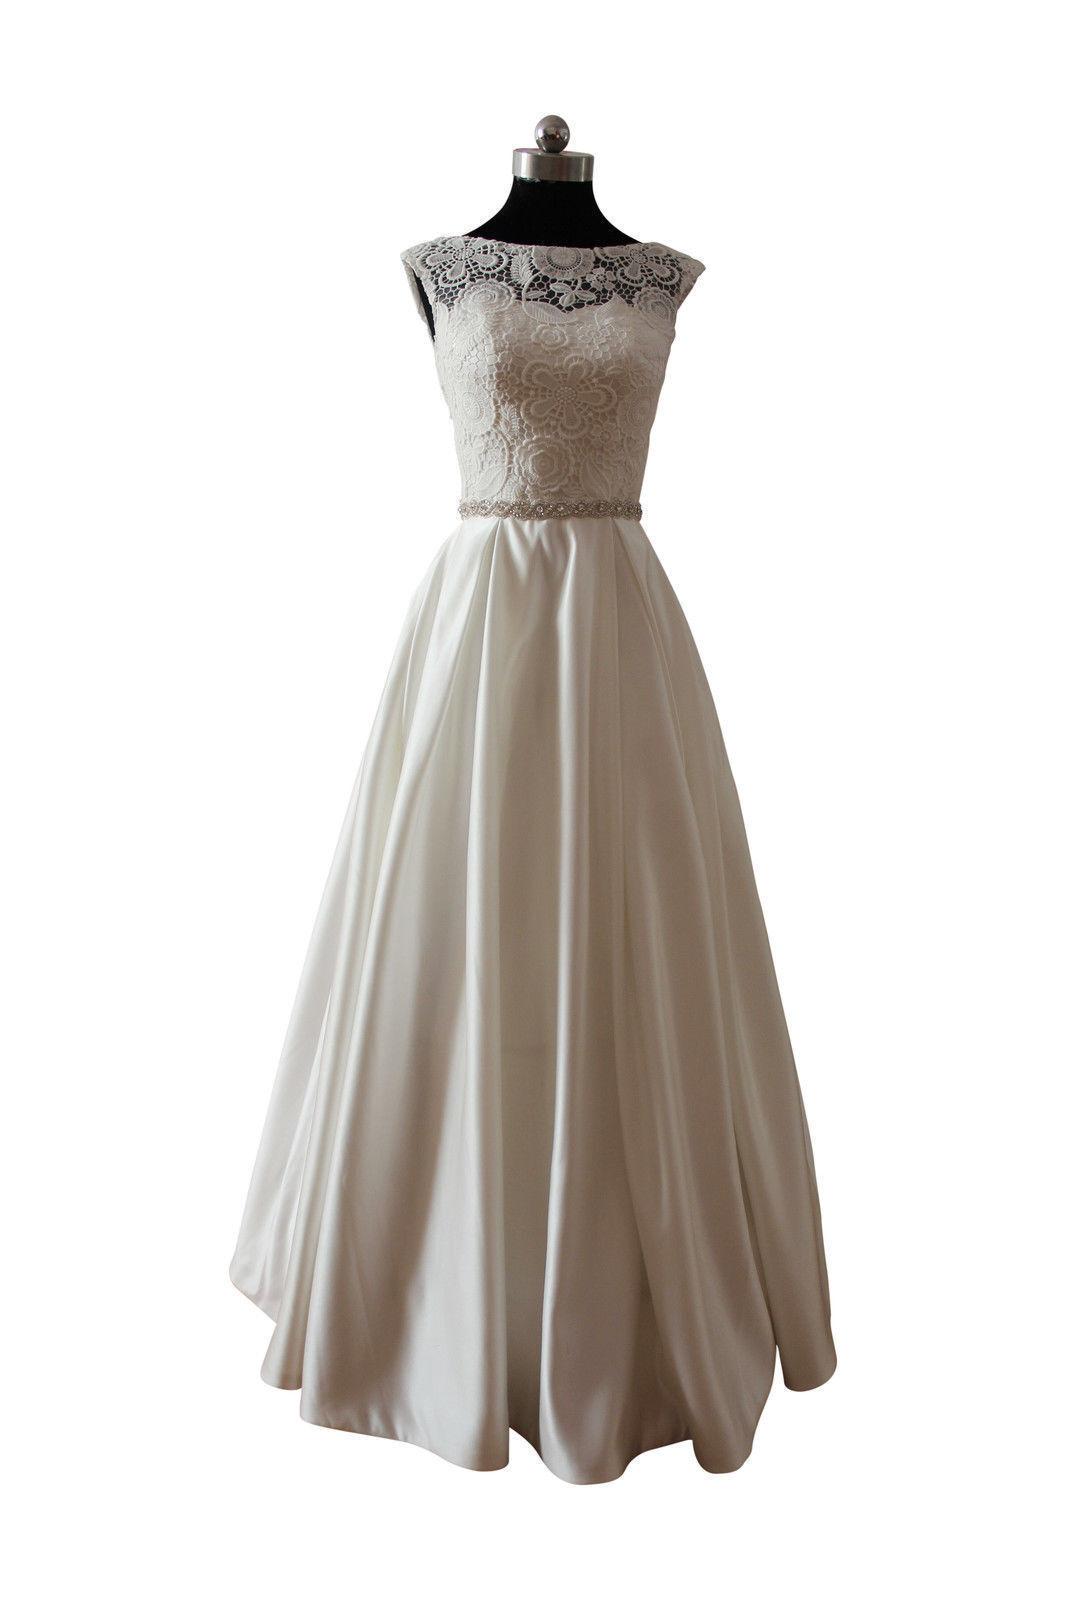 Hochzeit & besondere Anlässe günstig kaufen  eBay